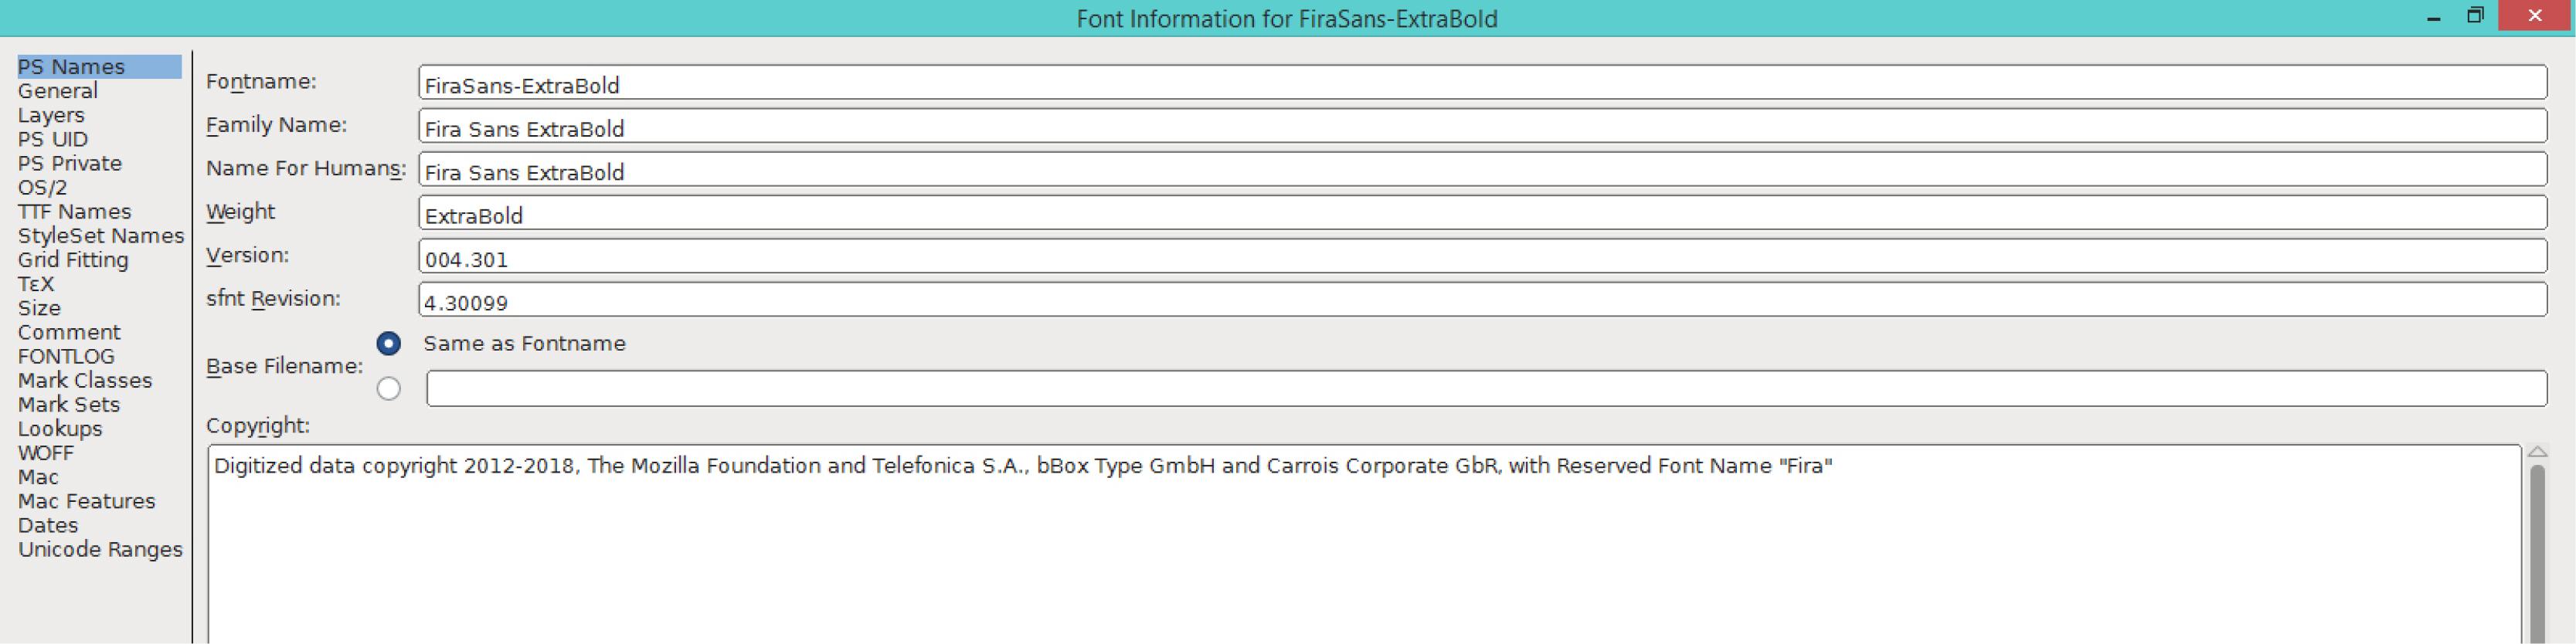 Fira Sans ExtraBold (PS)